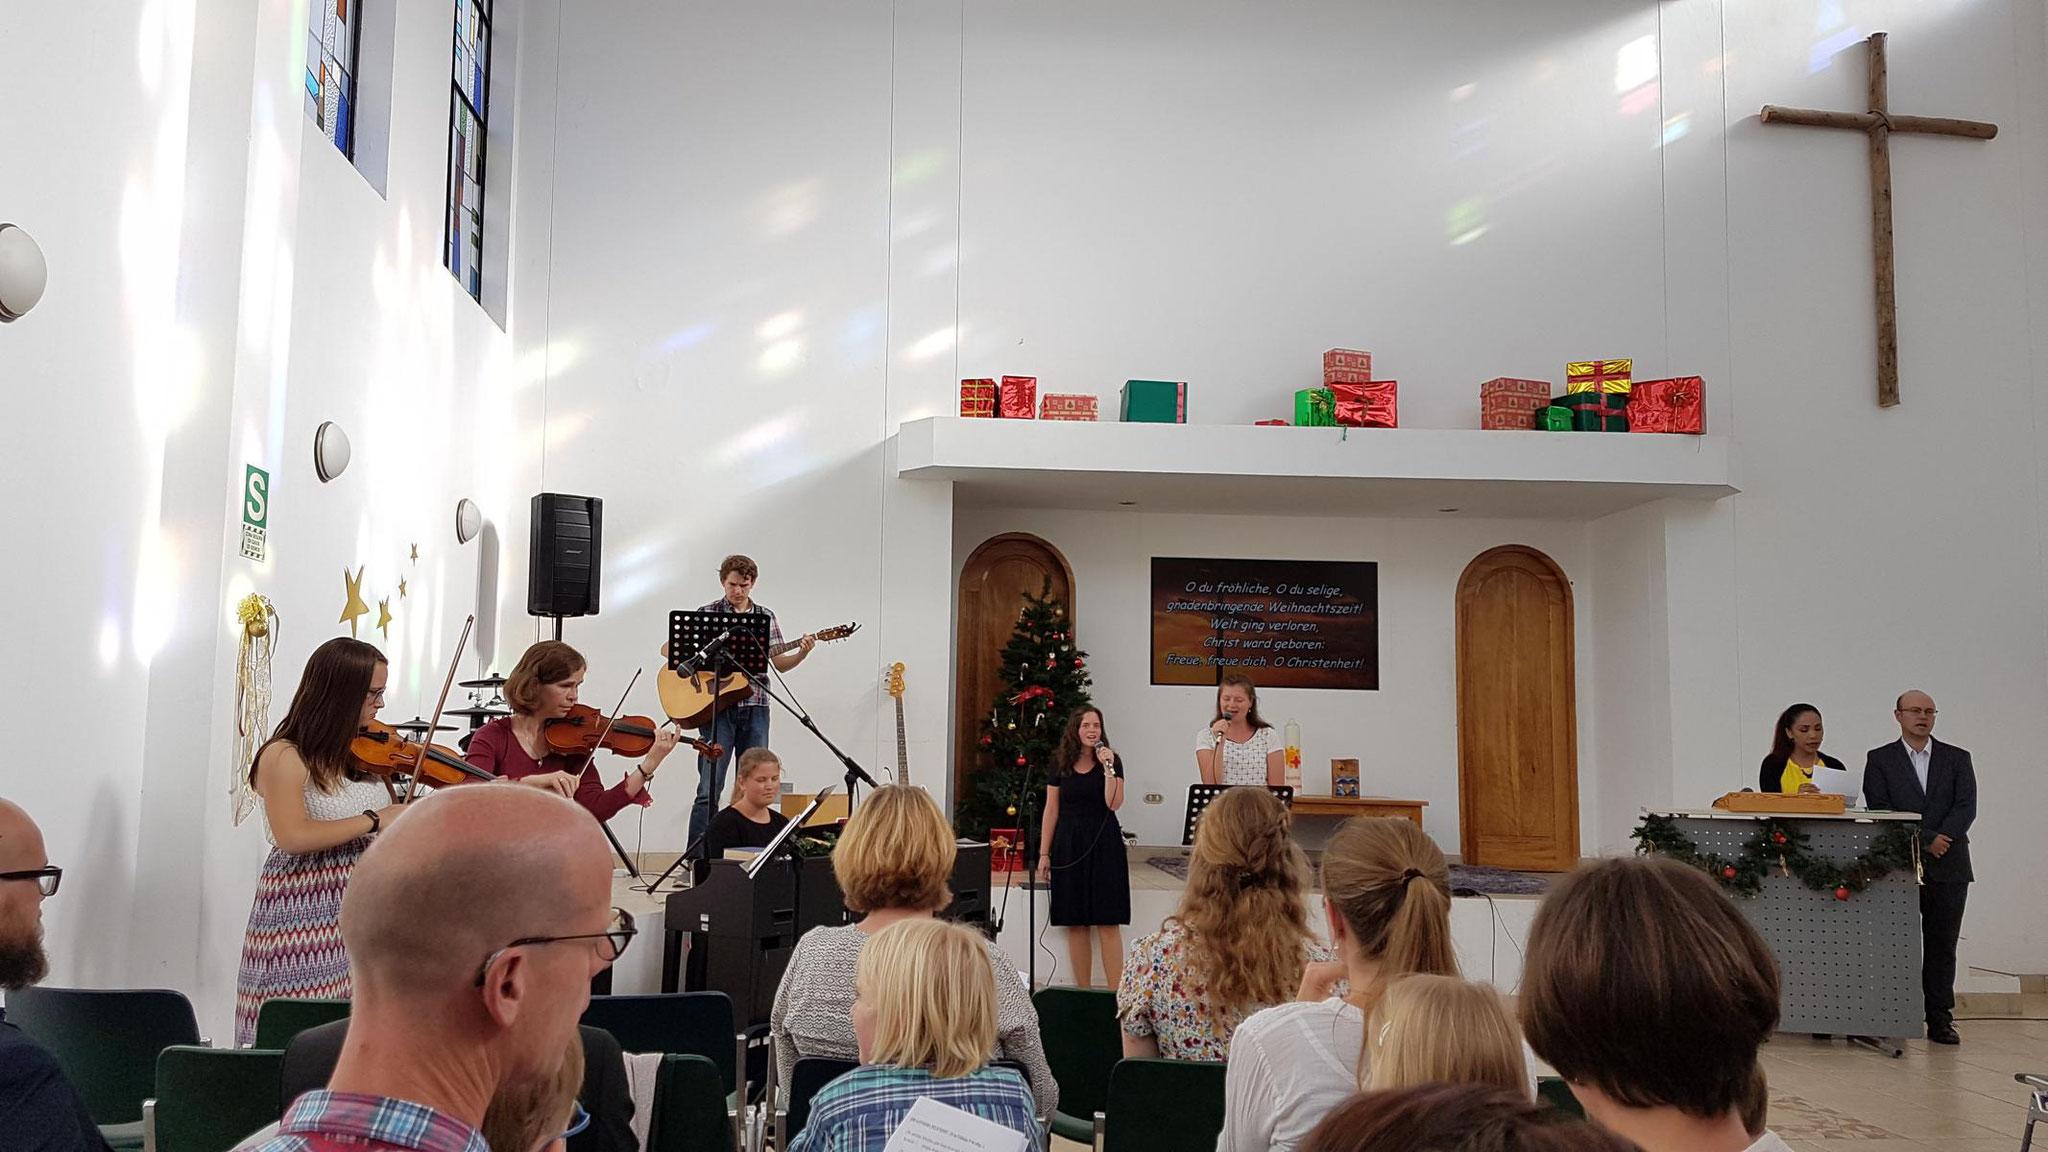 Und es gab sogar auch deutsche Weihnachtslieder.